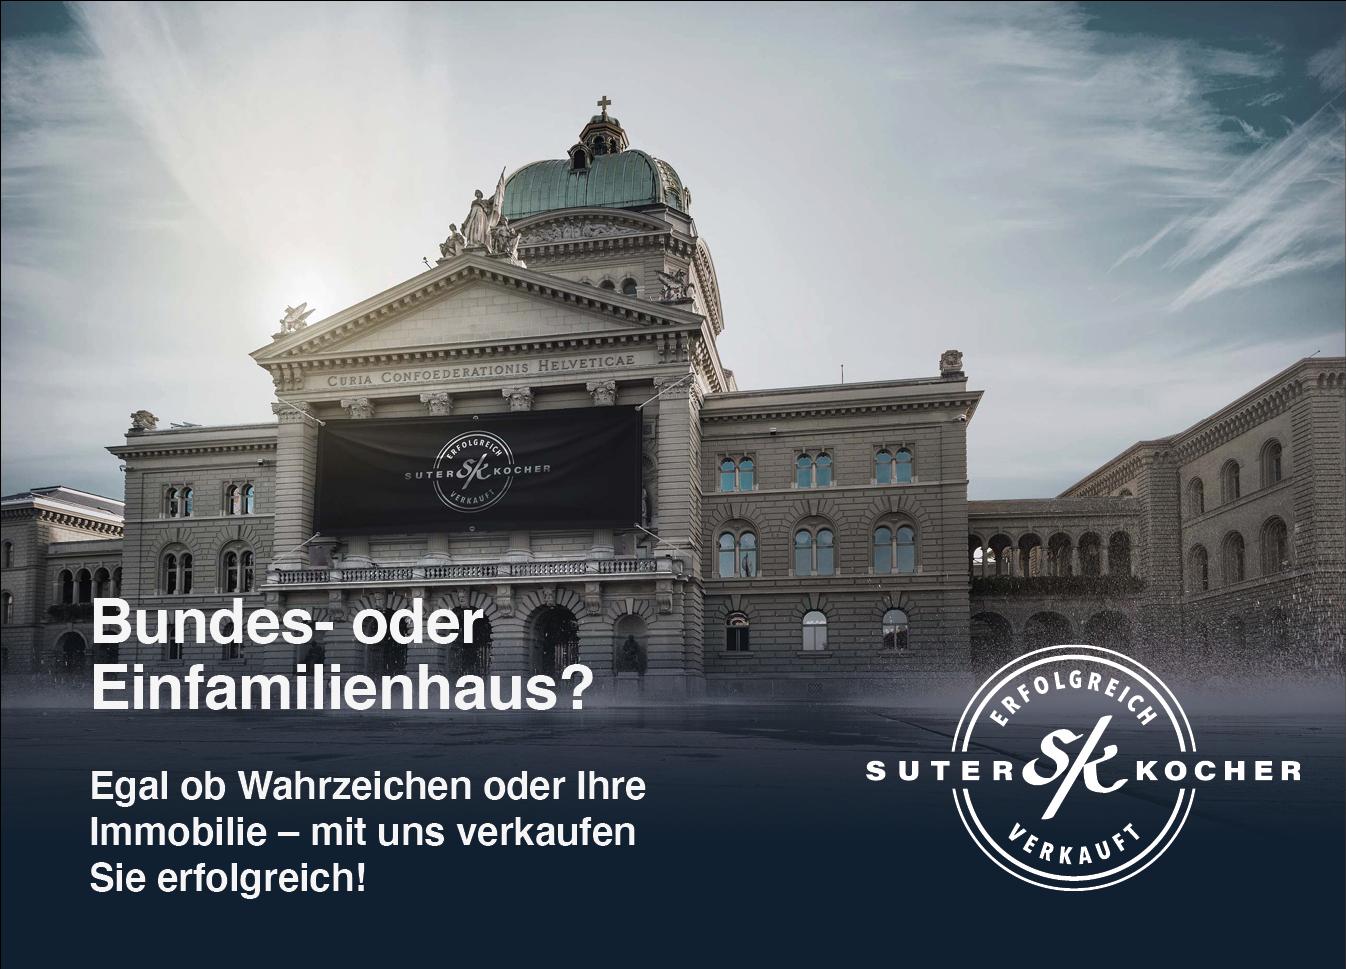 SuterKocher_Inserat_1